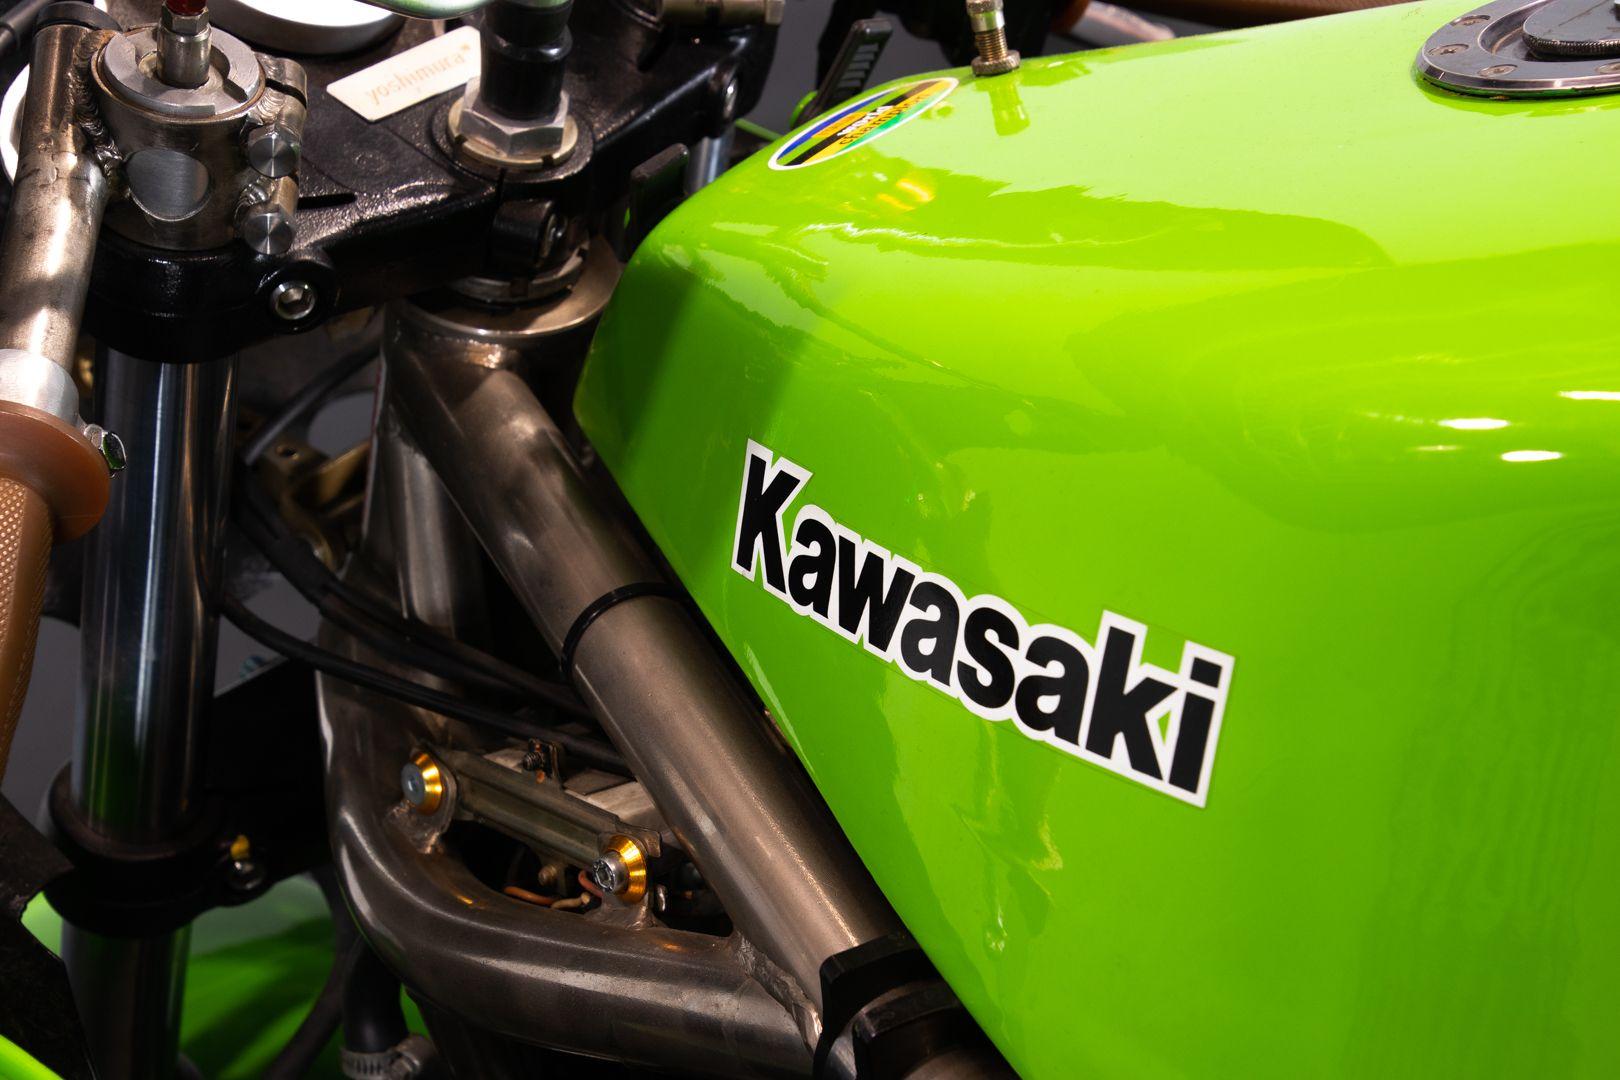 1981 Kawasaki Nico Bakker 74879